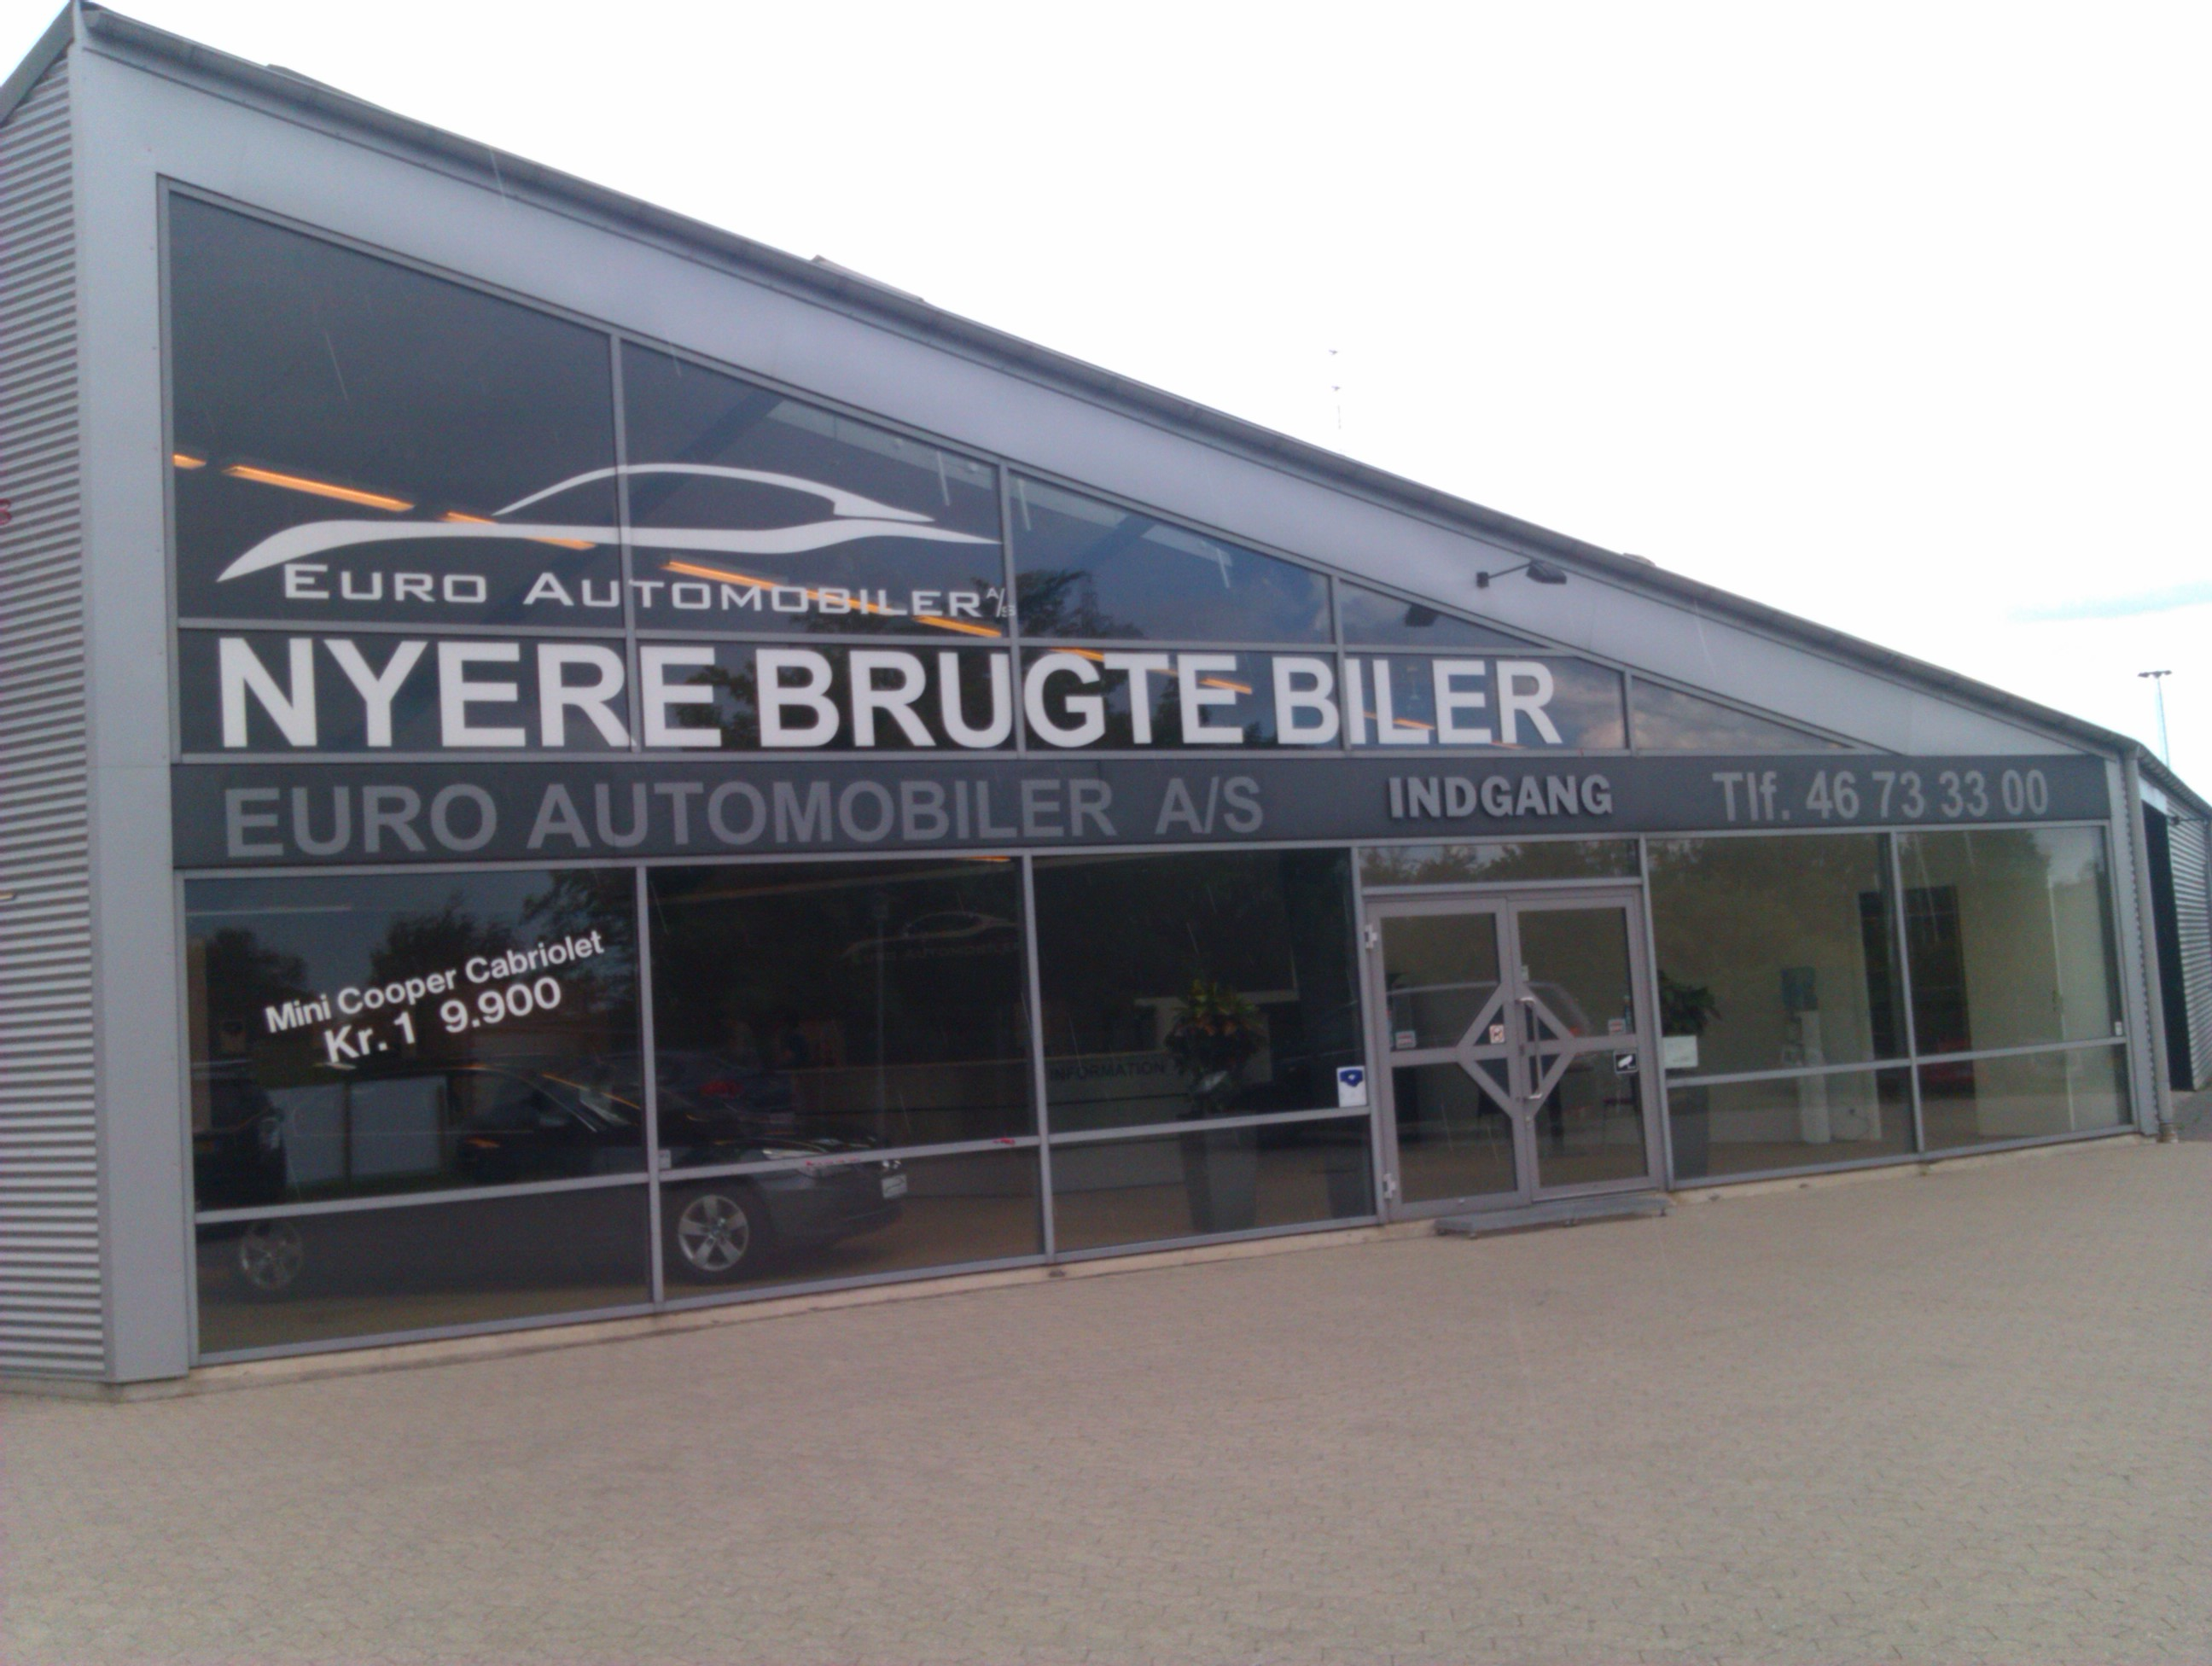 Euro Automobiler